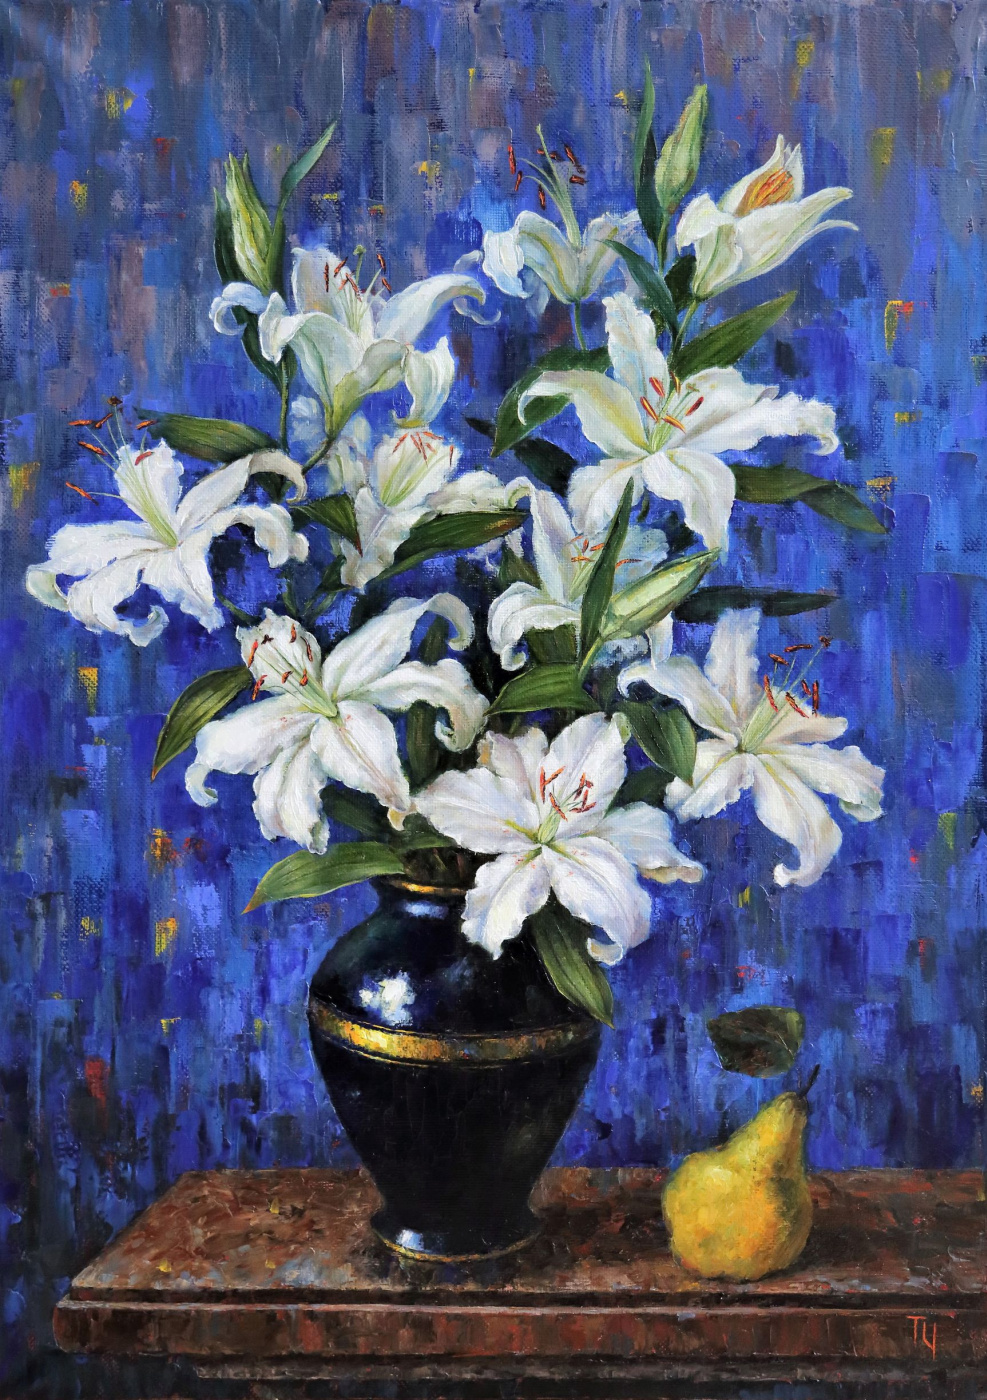 Tatyana Chepkasova. White lilies on blue background